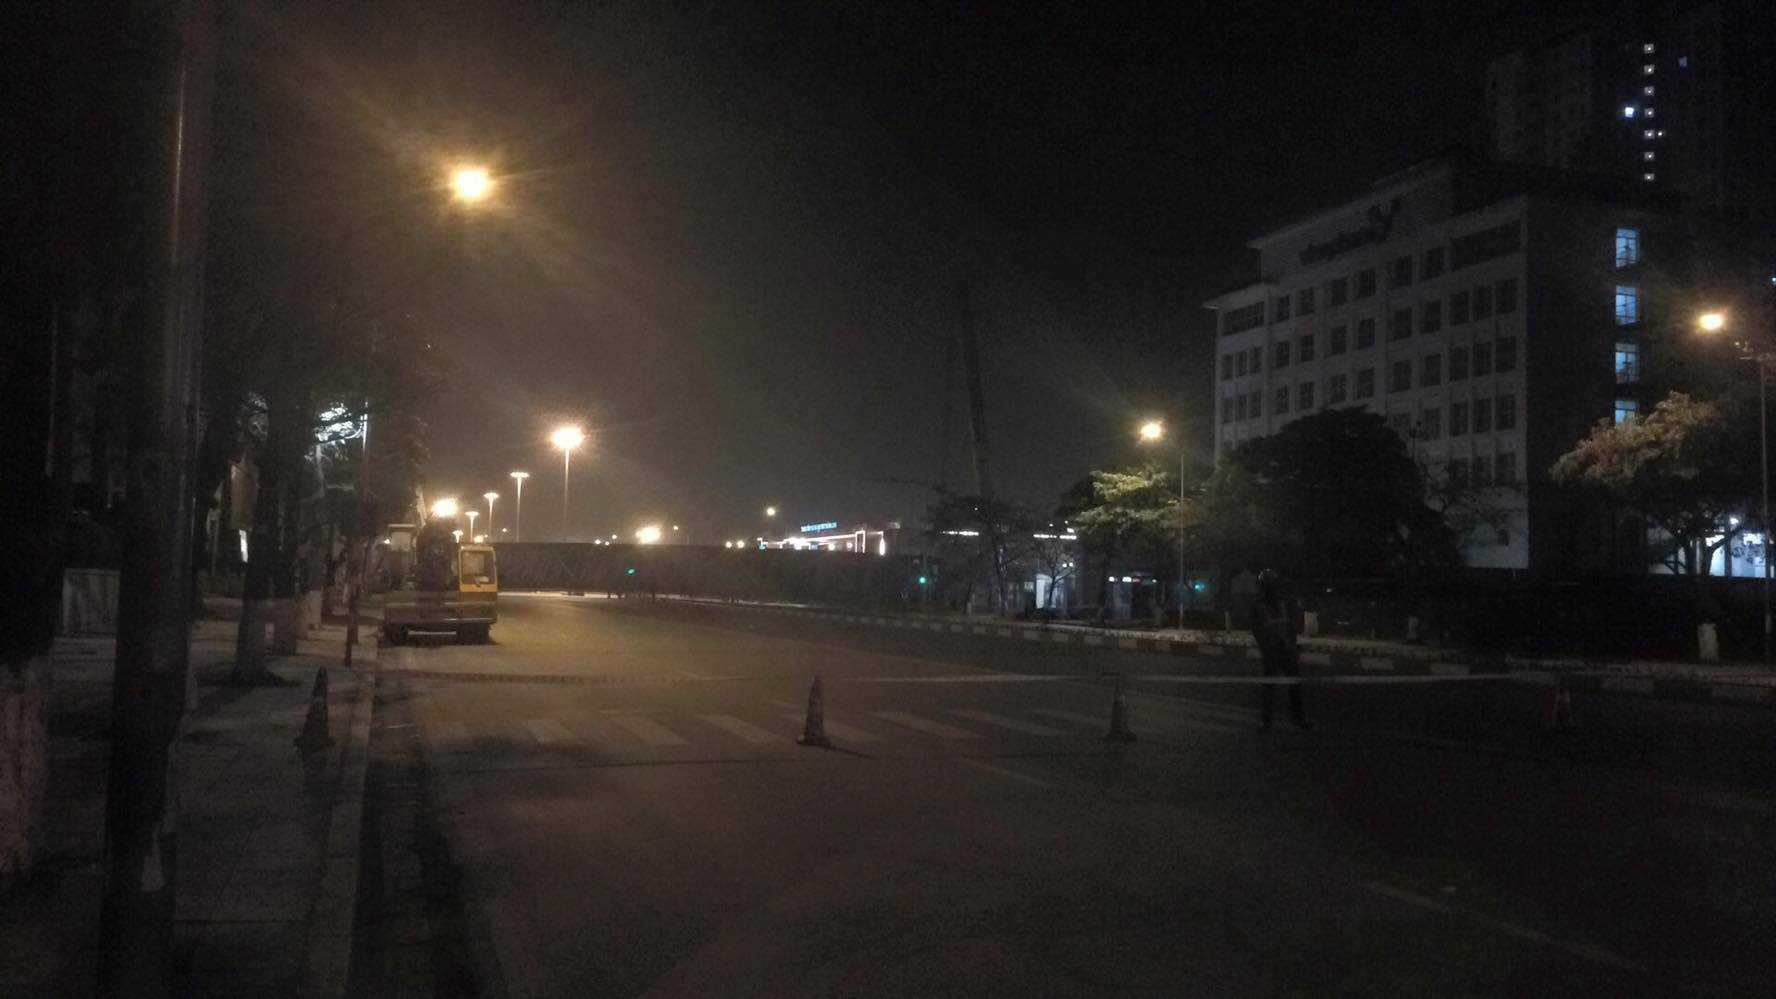 Hiện trường vụ tai nạn được bảo vệ không cho ai qua lại - Ảnh: Việt Linh